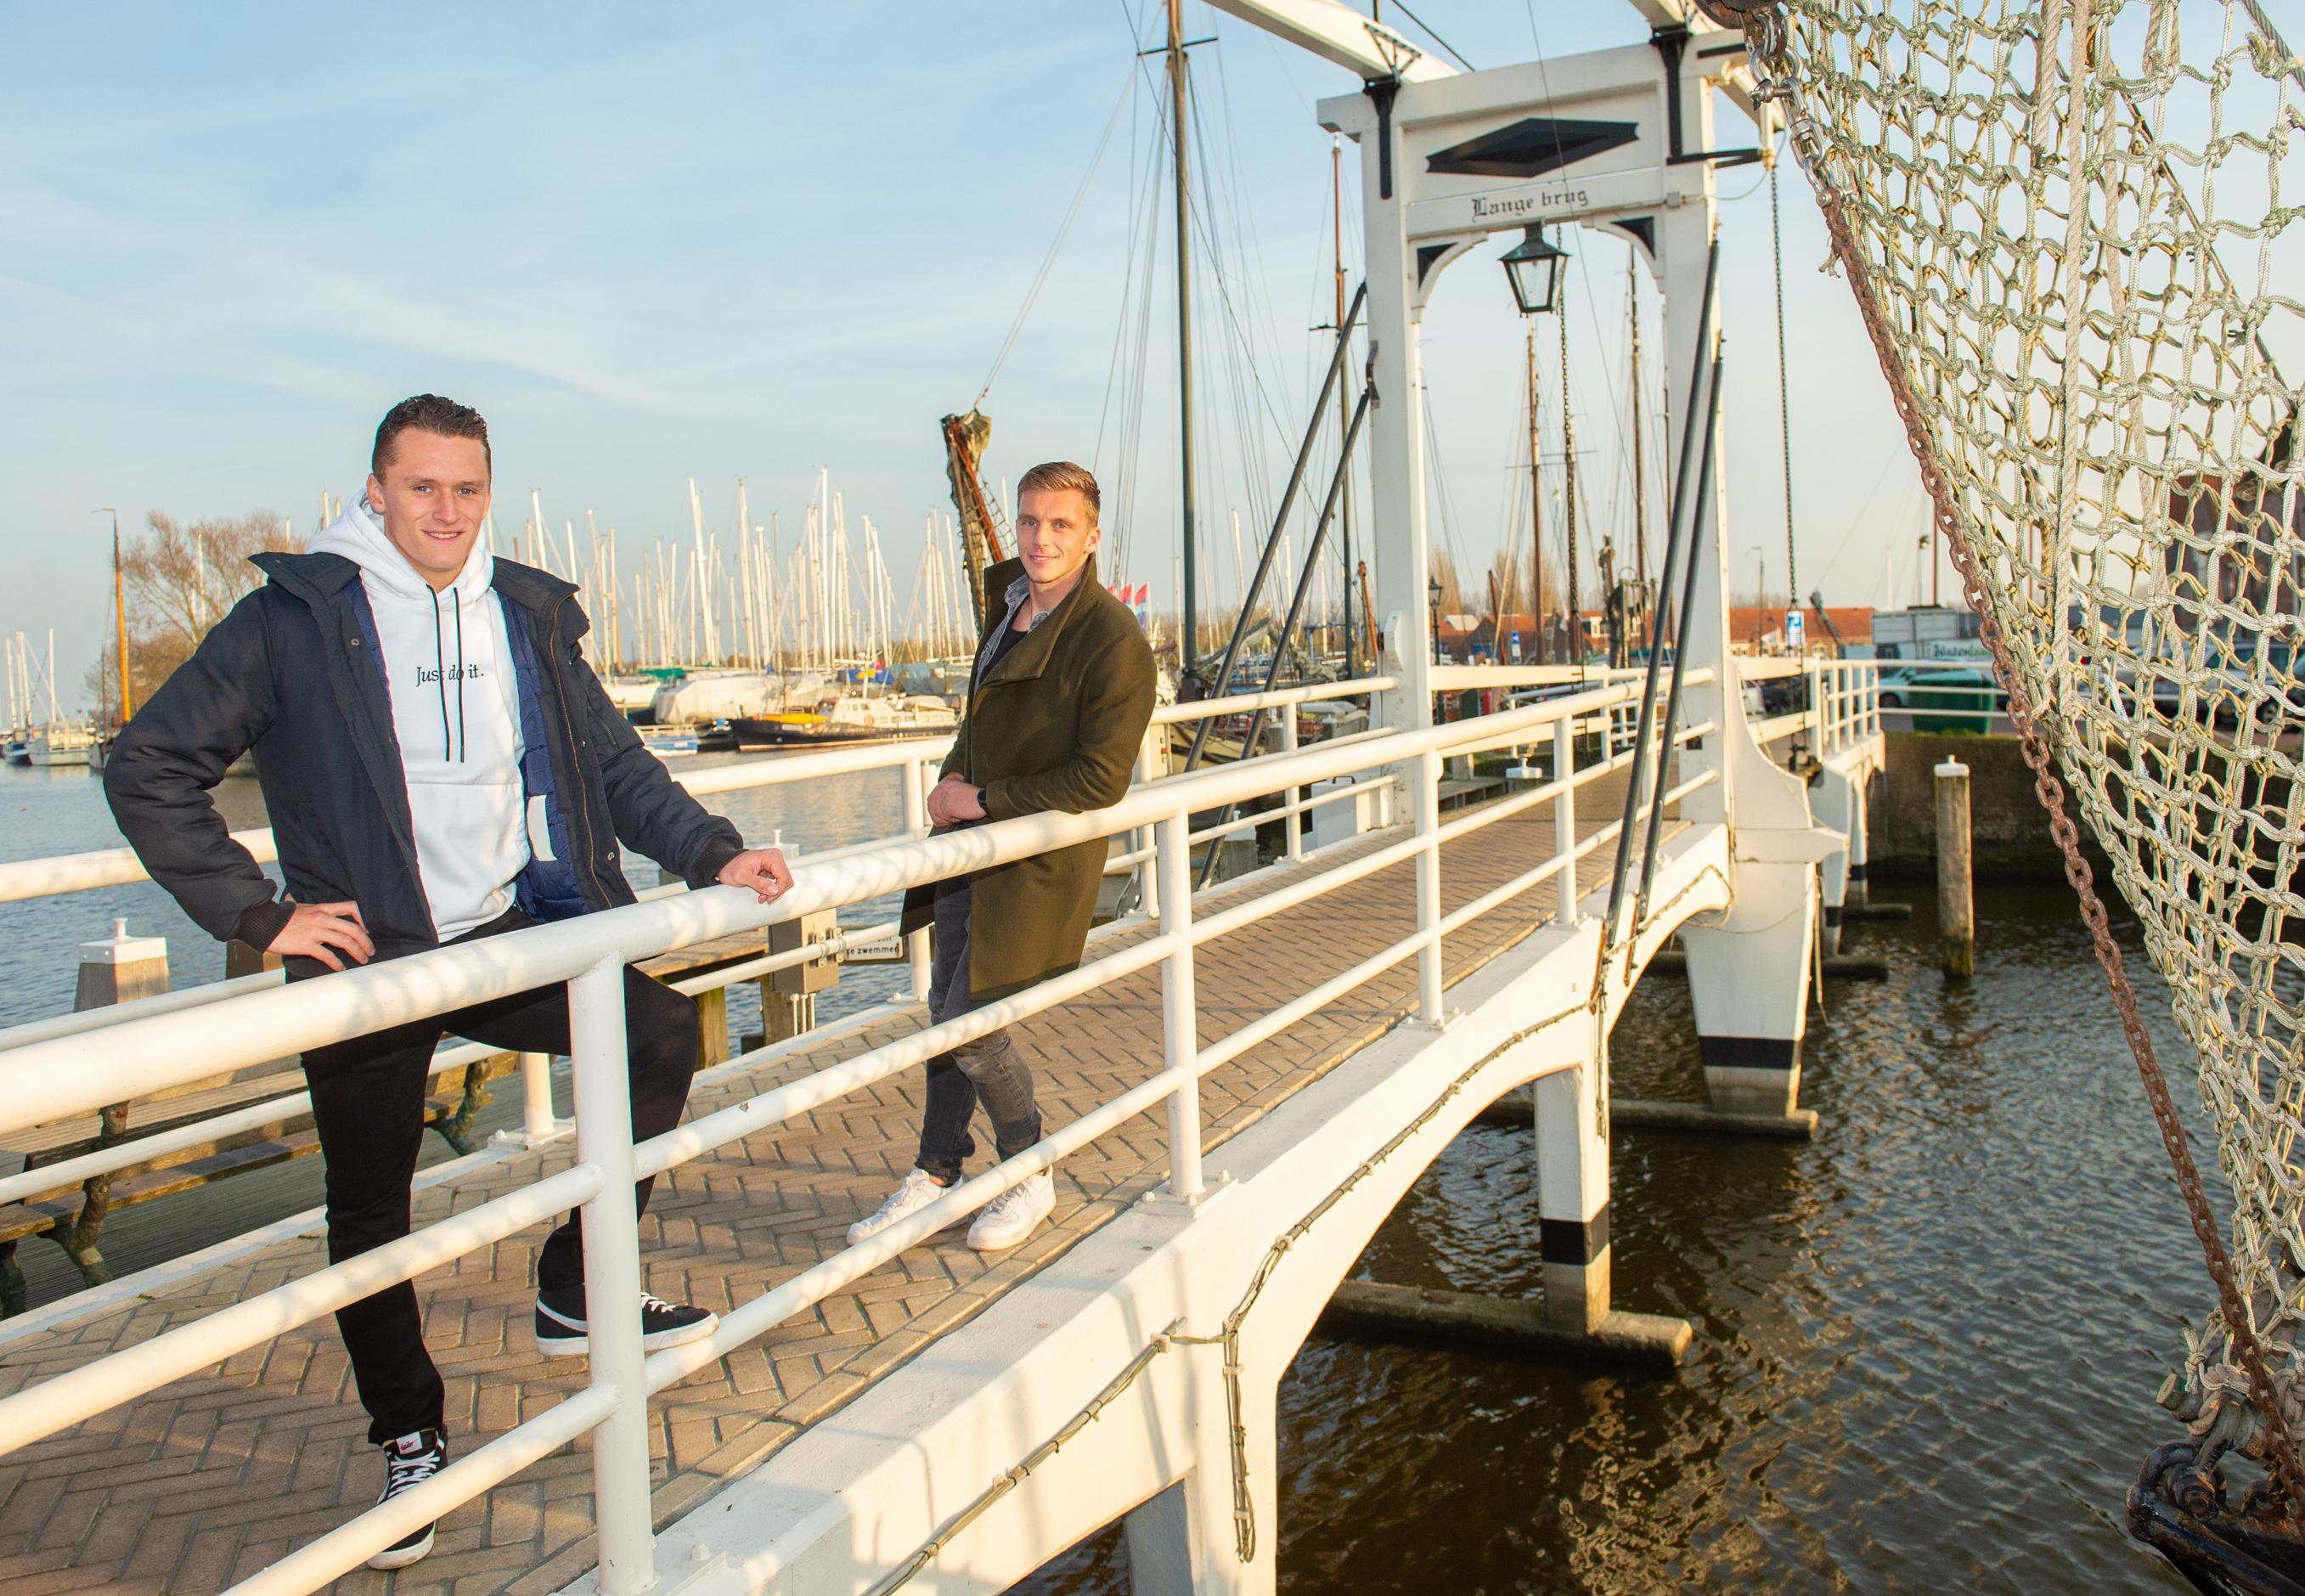 Normaal vrienden, maar nu tegenover elkaar. Martijn Kaars en Damon Mirani tegenstanders tijdens FC Volendam-Almere City